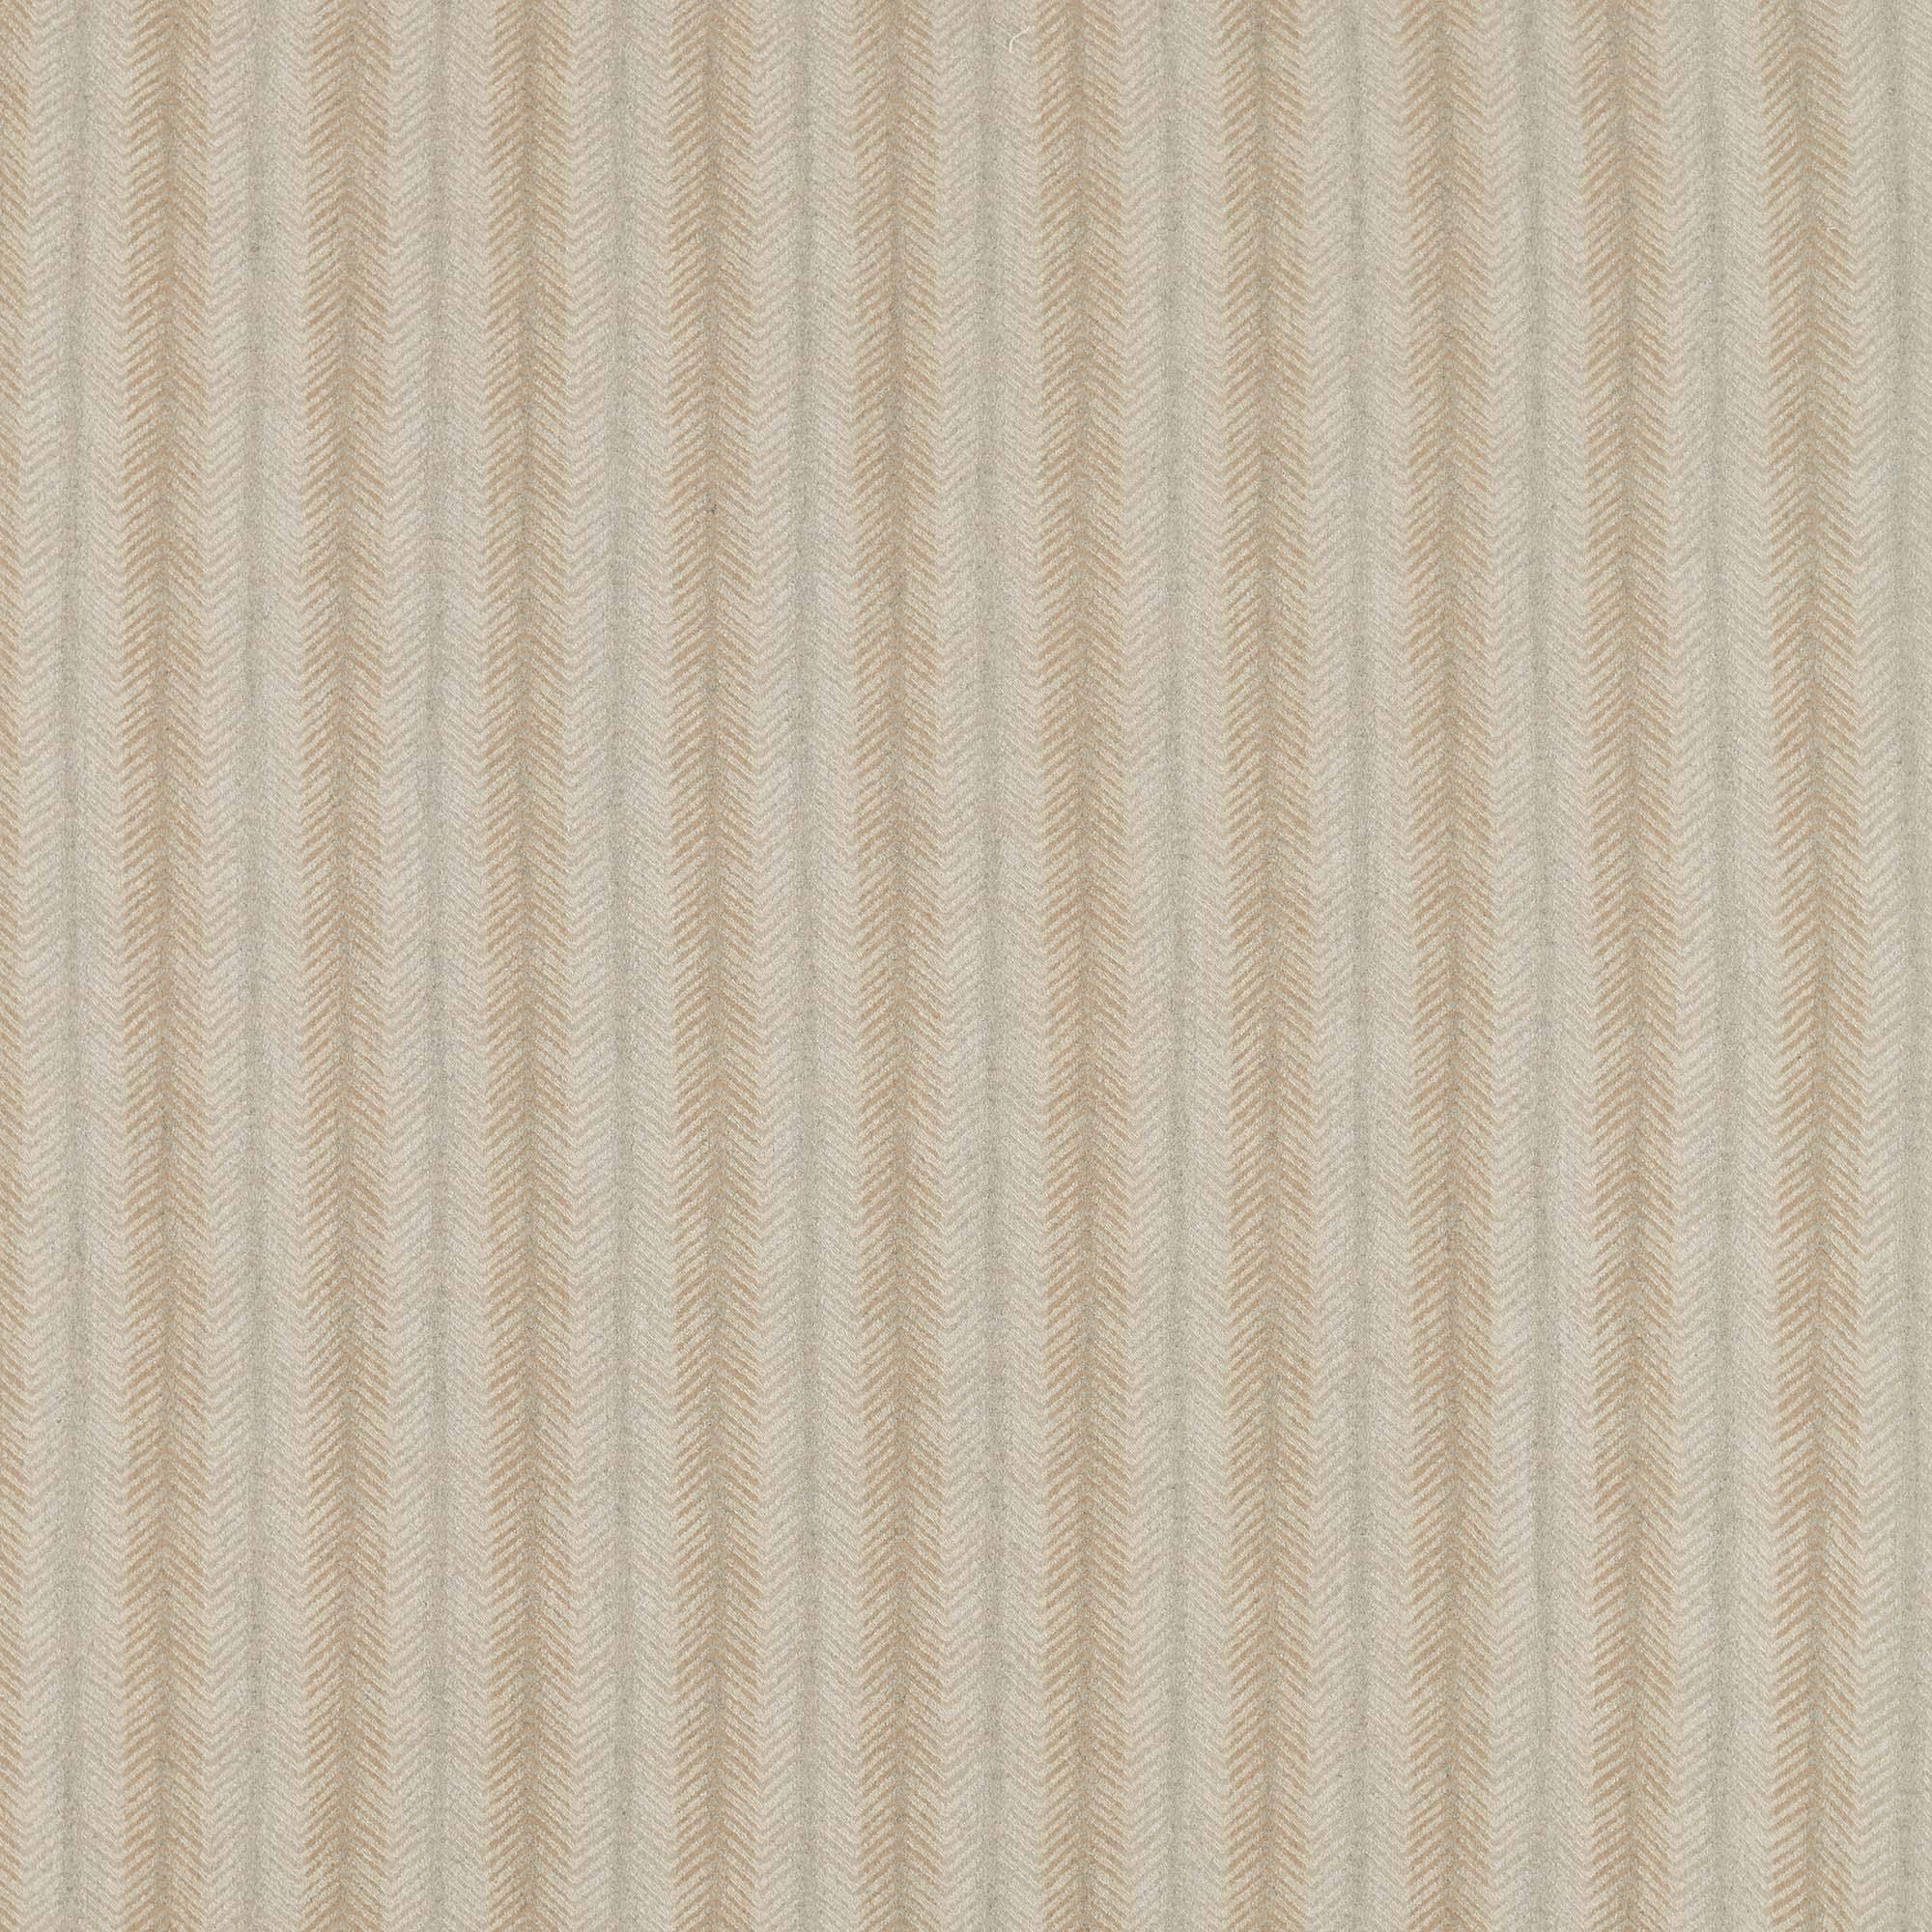 ウィリアムモリス生地 Pure Hekla Wool 236607